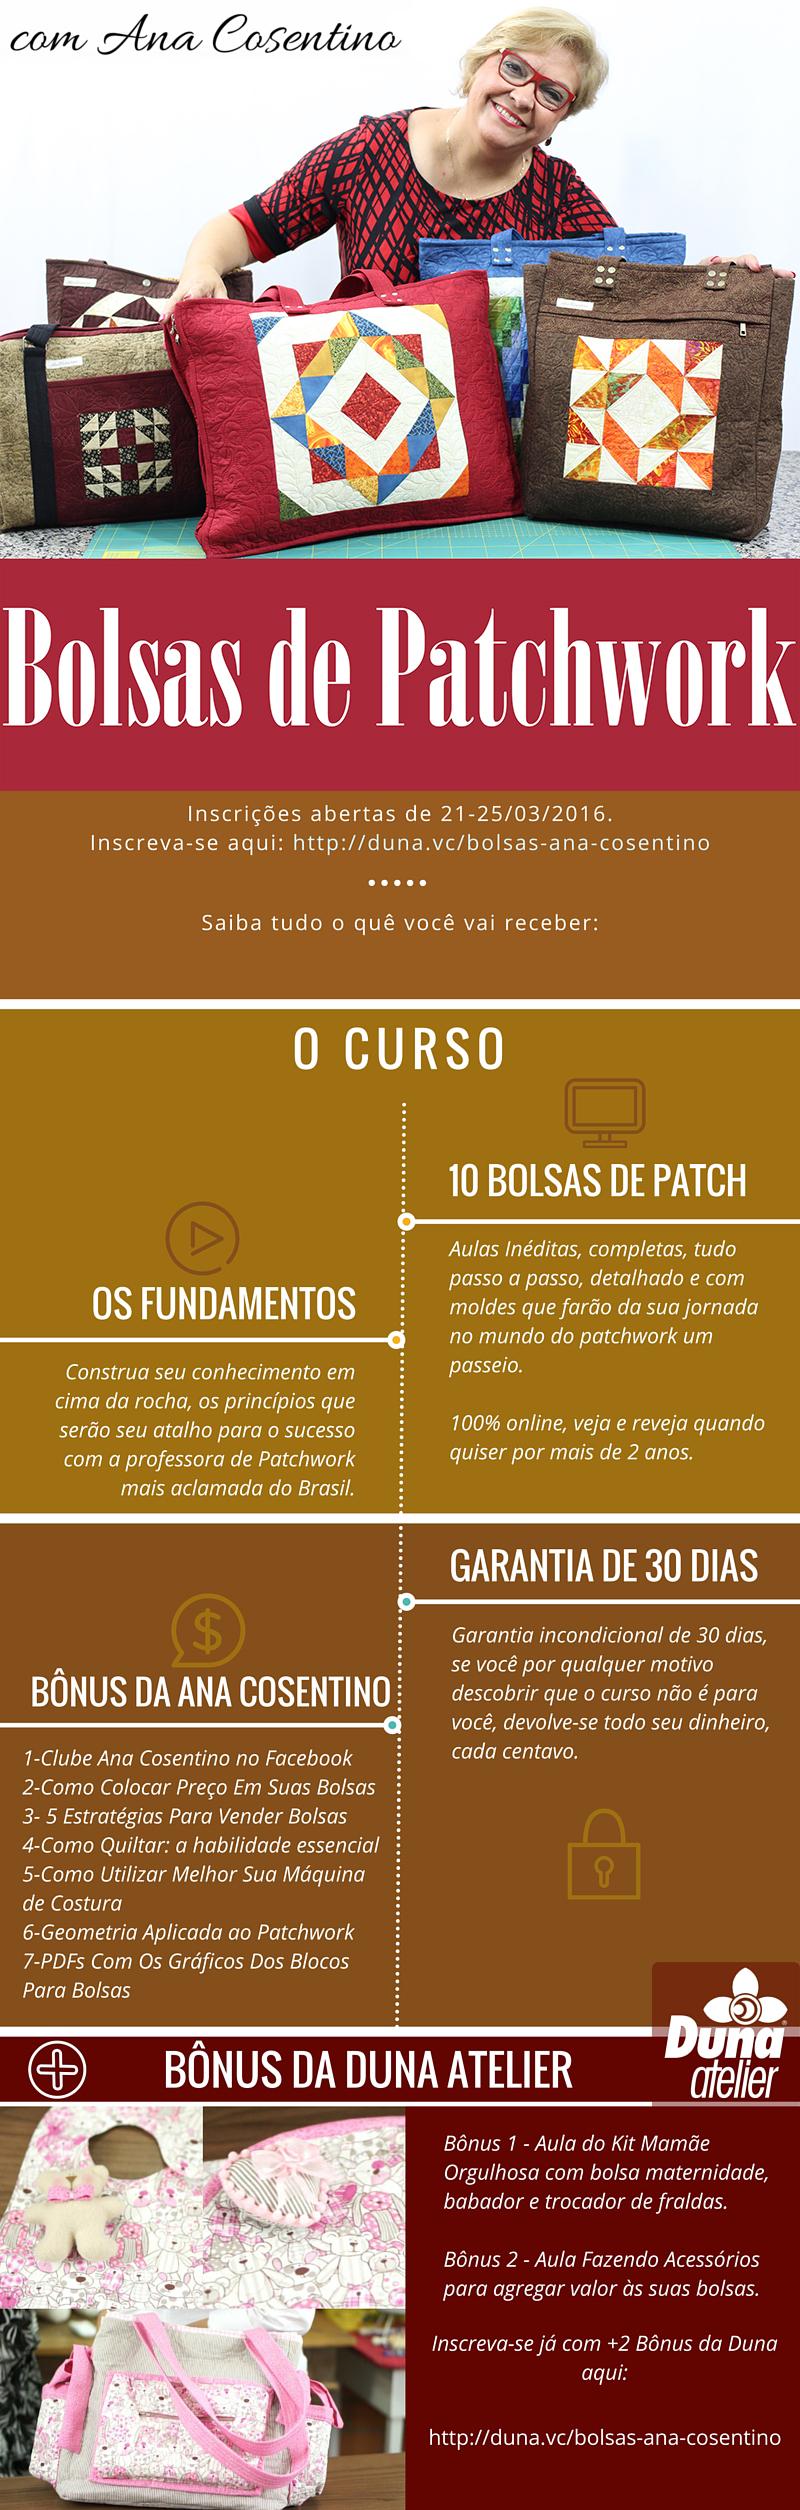 Curso Bolsas De Patchwork da Ana Cosentino: http://duna.vc/bolsas-ana-cosentino Inscrições abertas apenas até 25/03/16 beijo